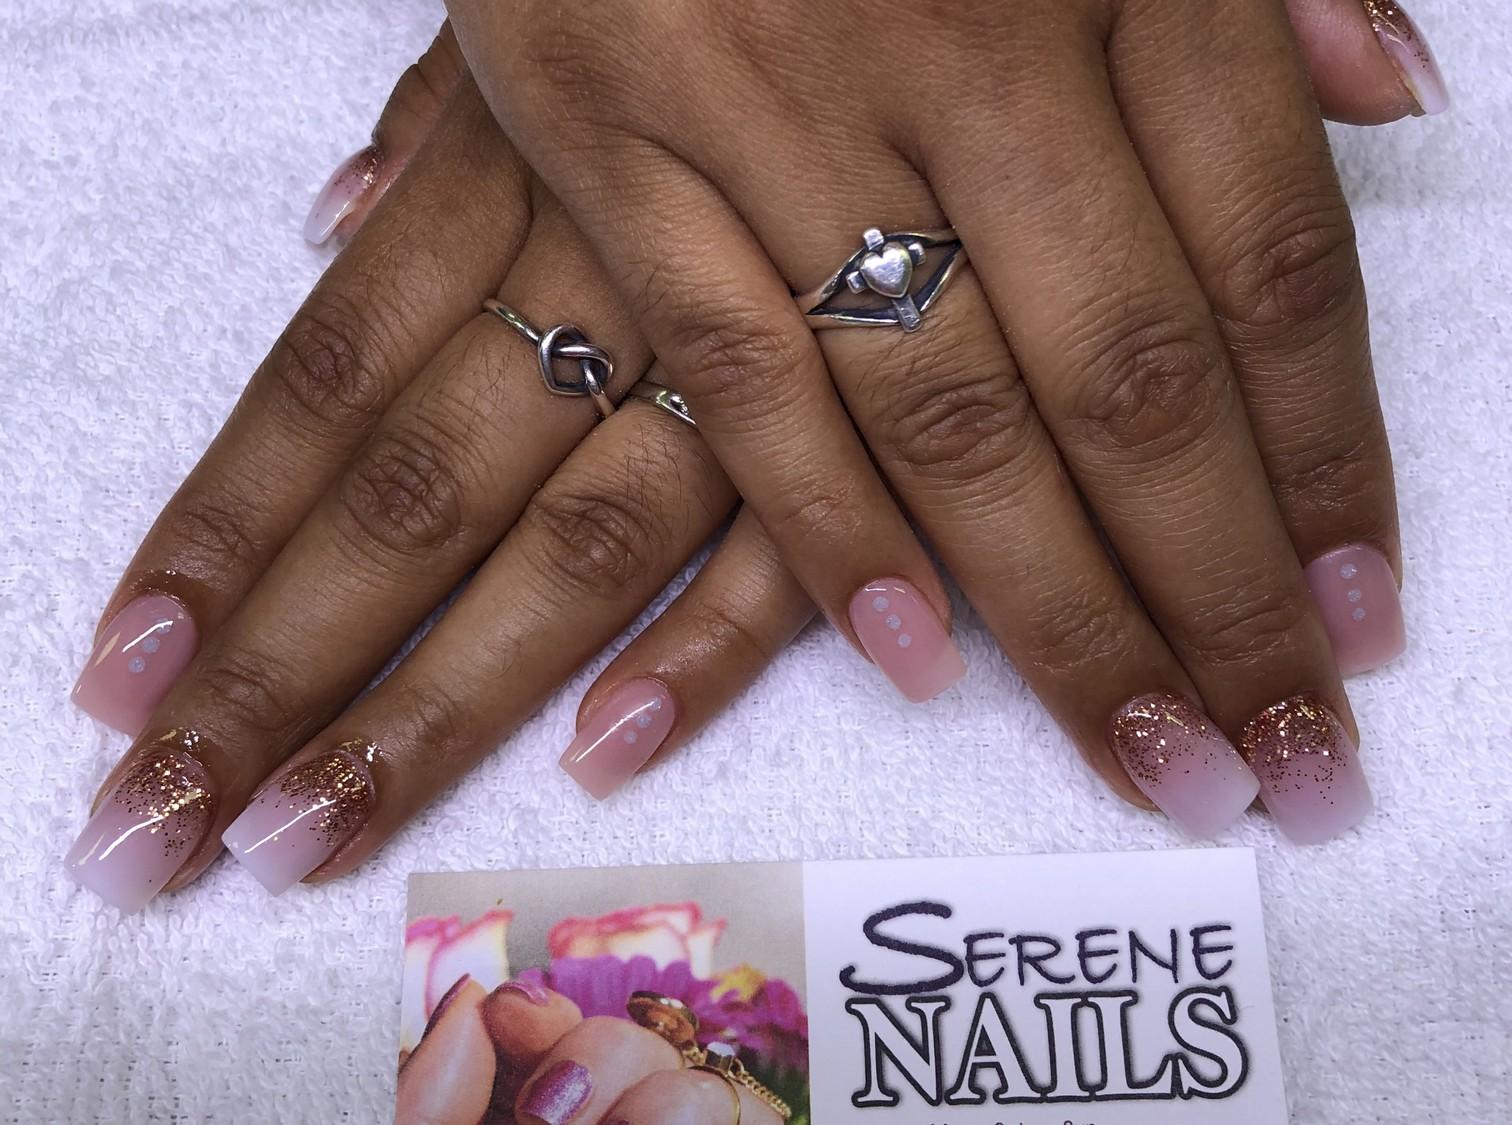 Serene Nails image 81